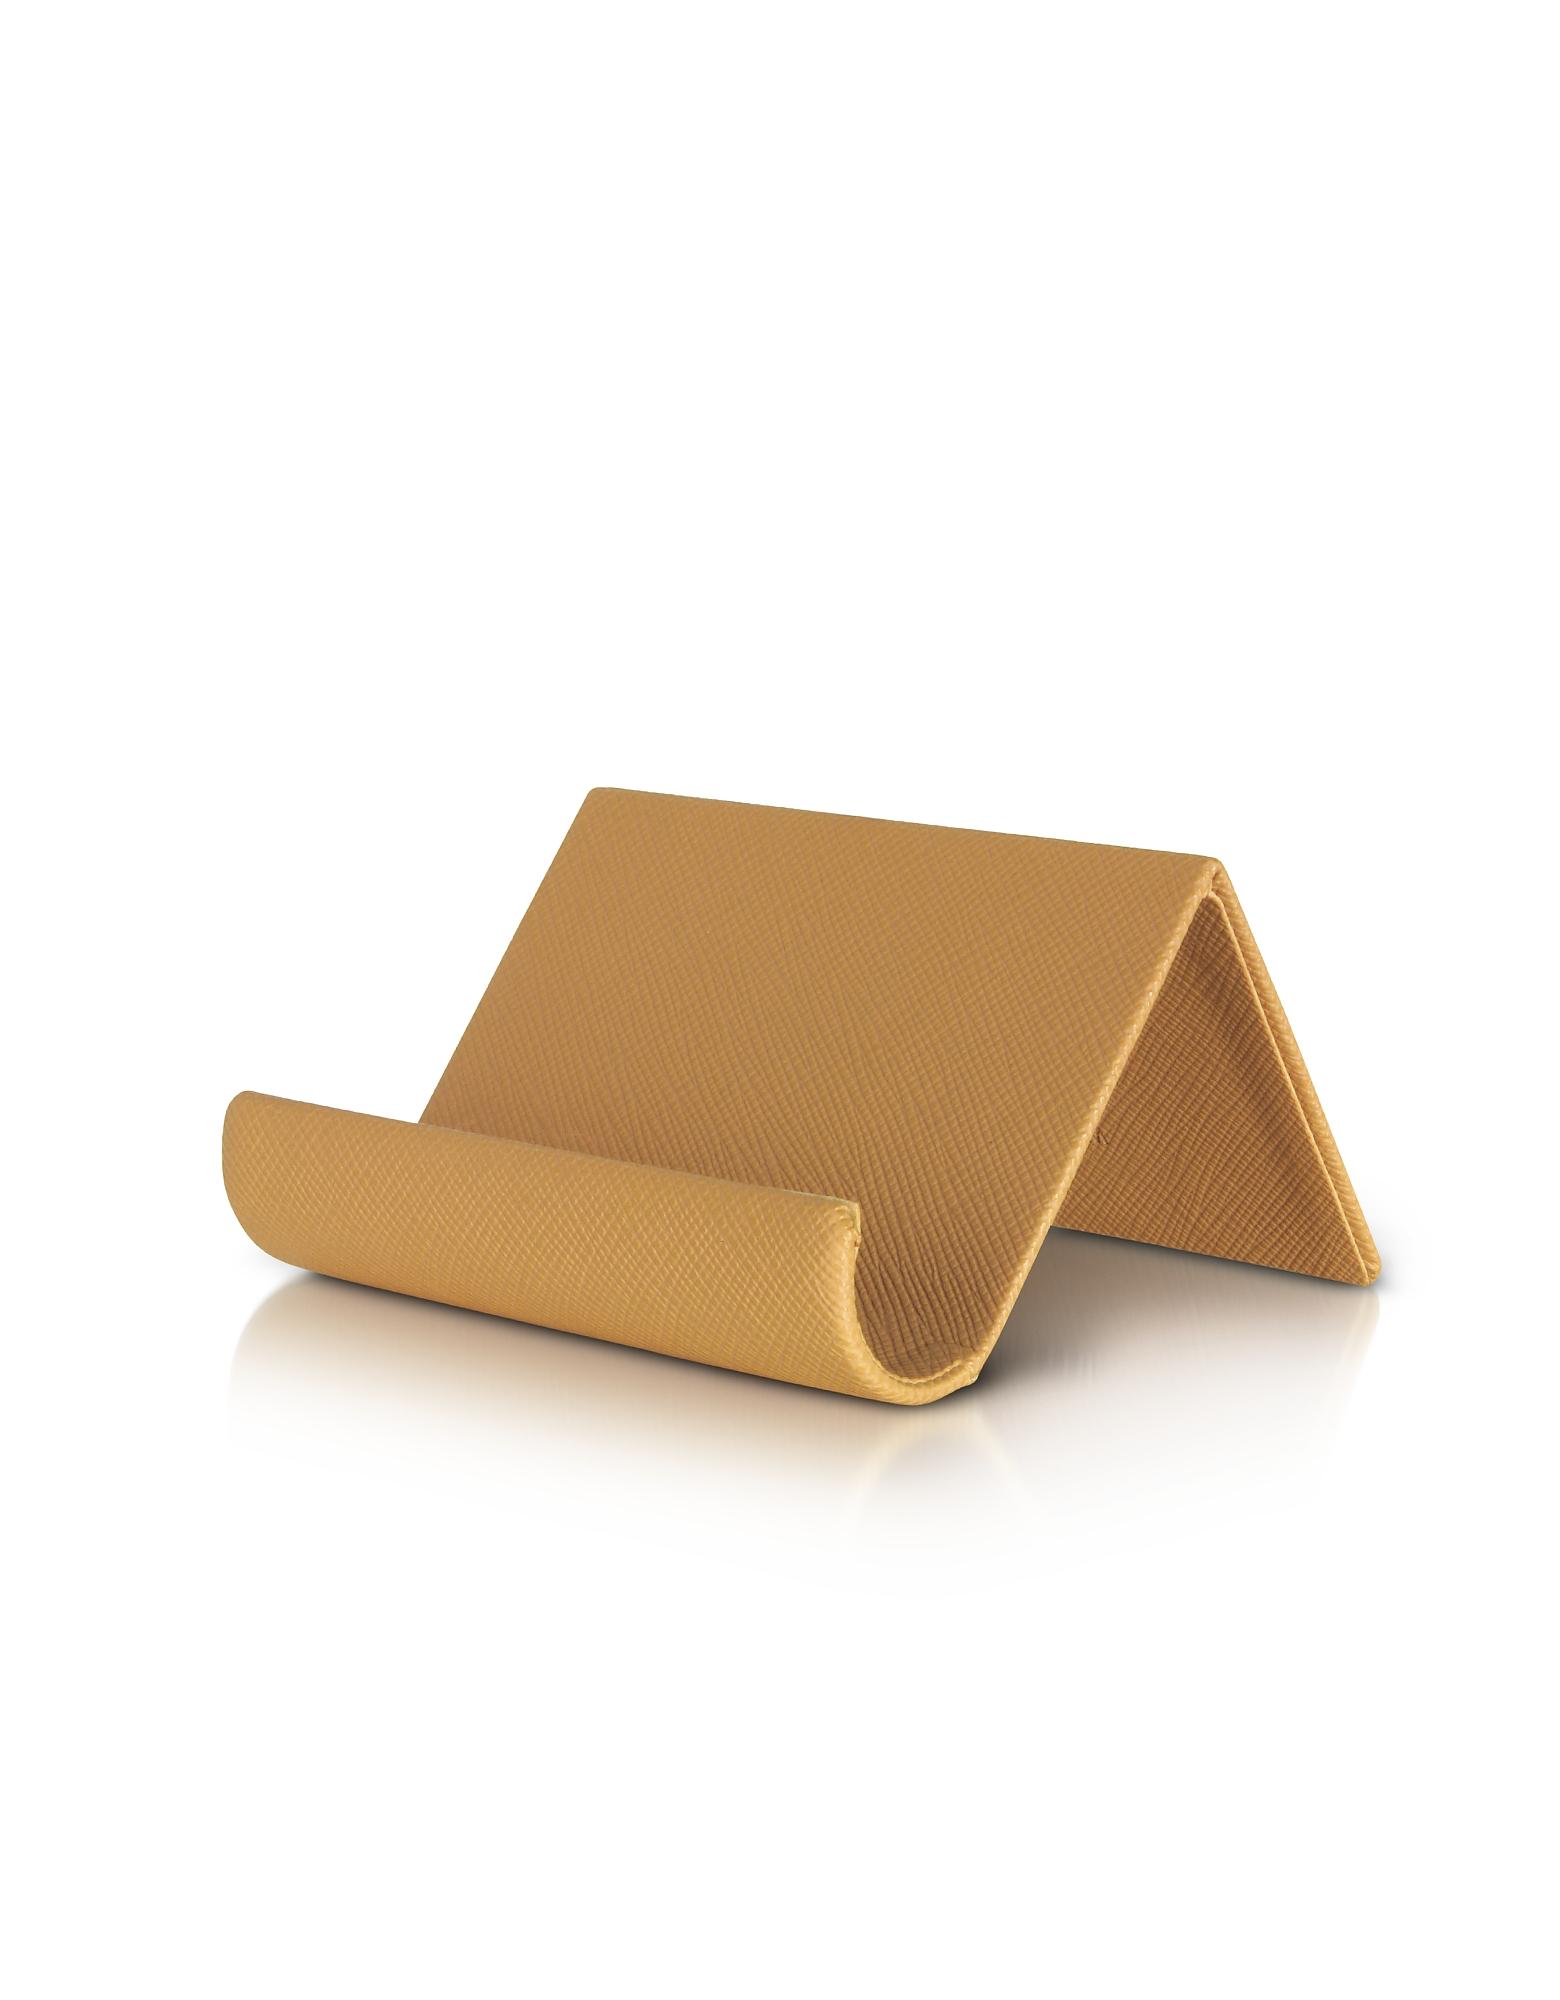 Camel Grained Business Card Desk Holder